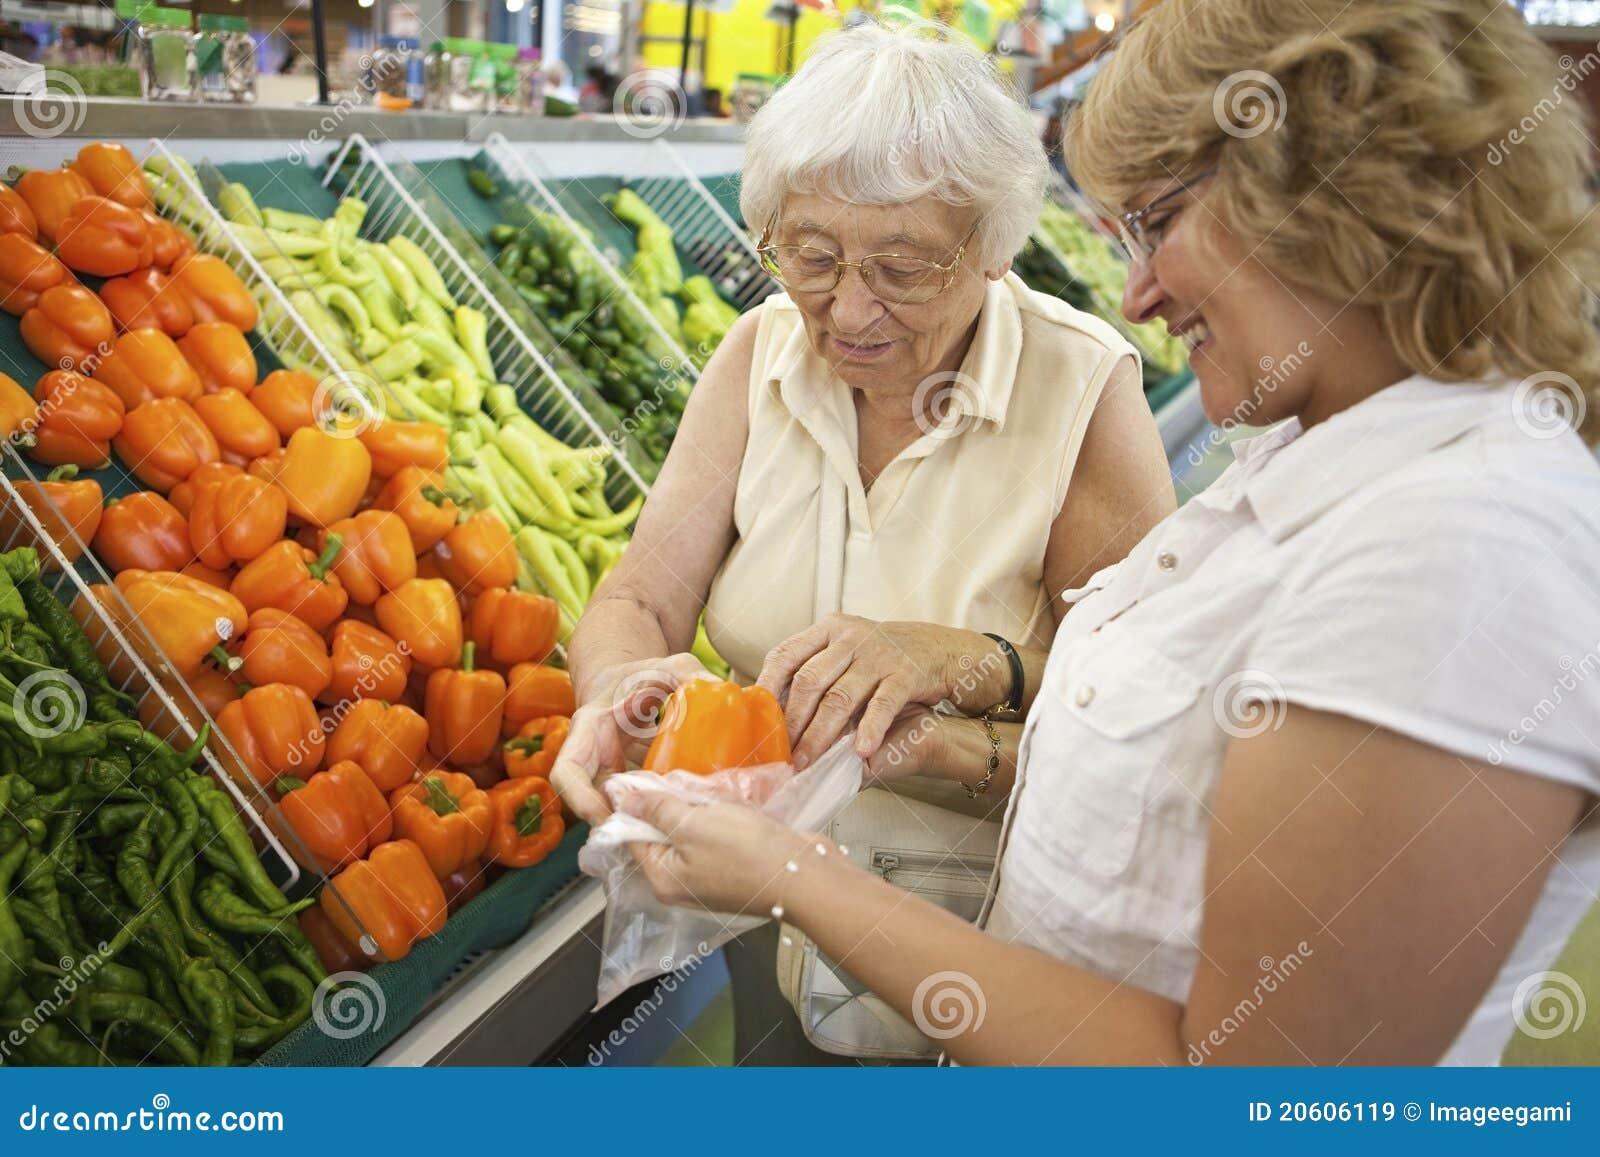 Aîné de aide volontaire avec ses achats